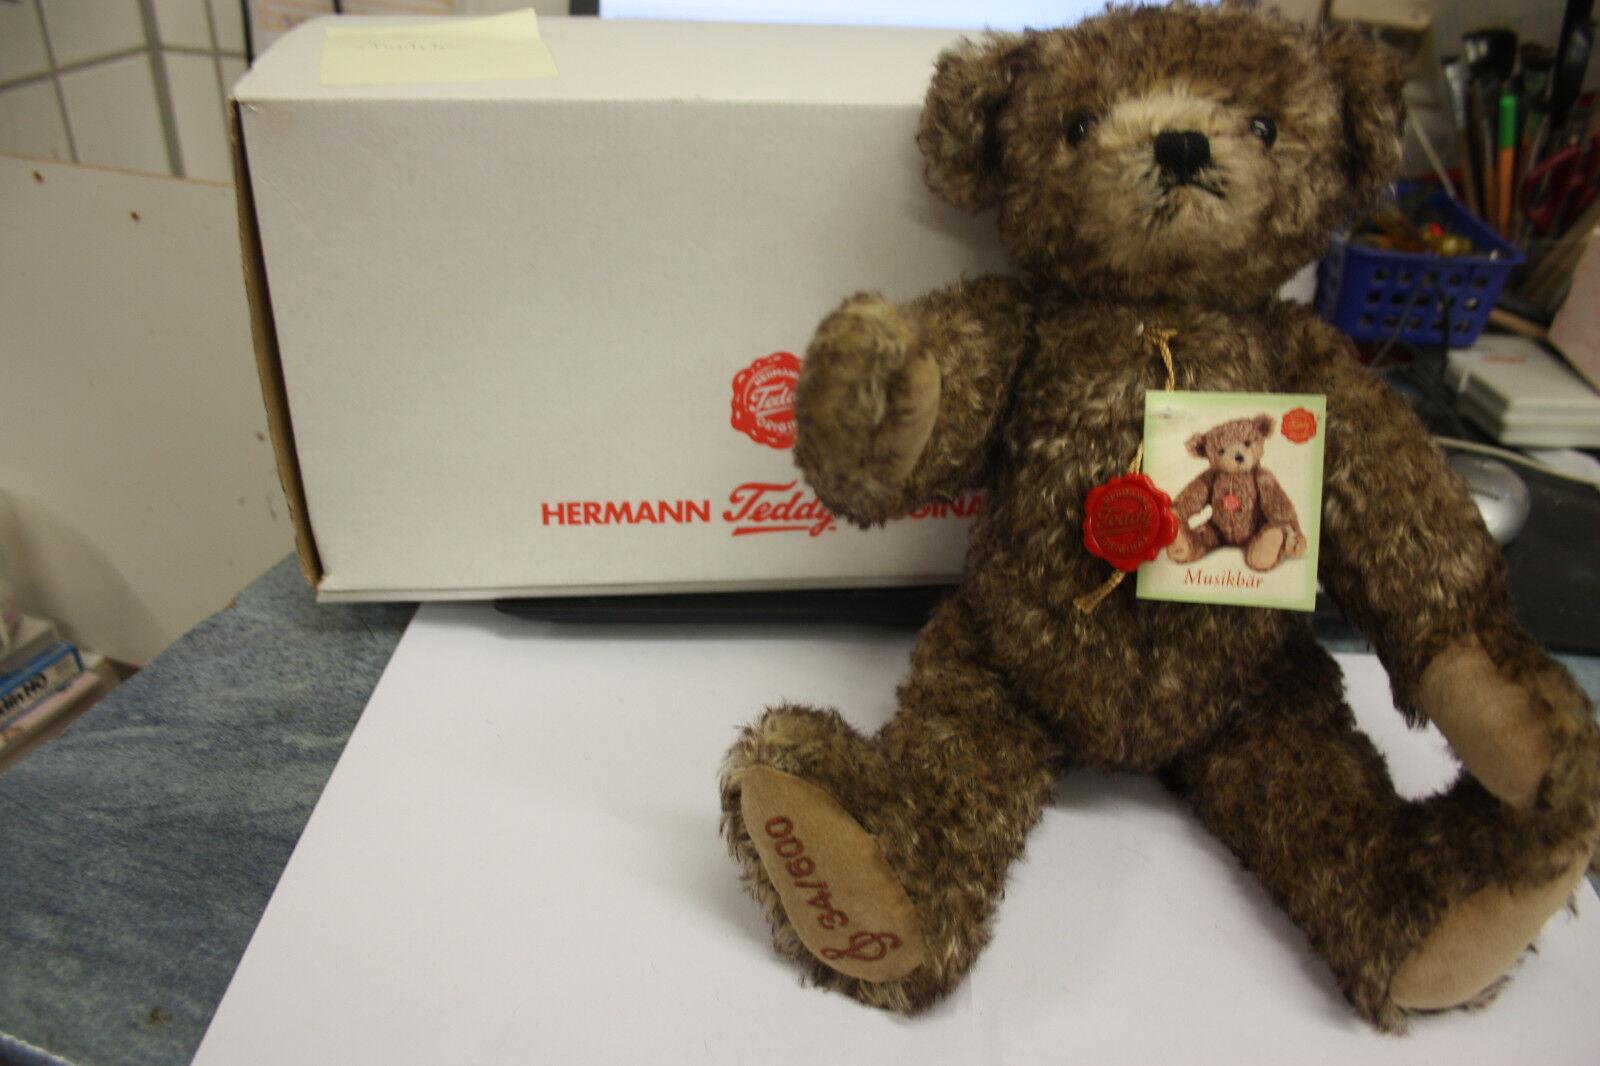 Hermann Teddy 109365 sammlerbär musikbär limitado